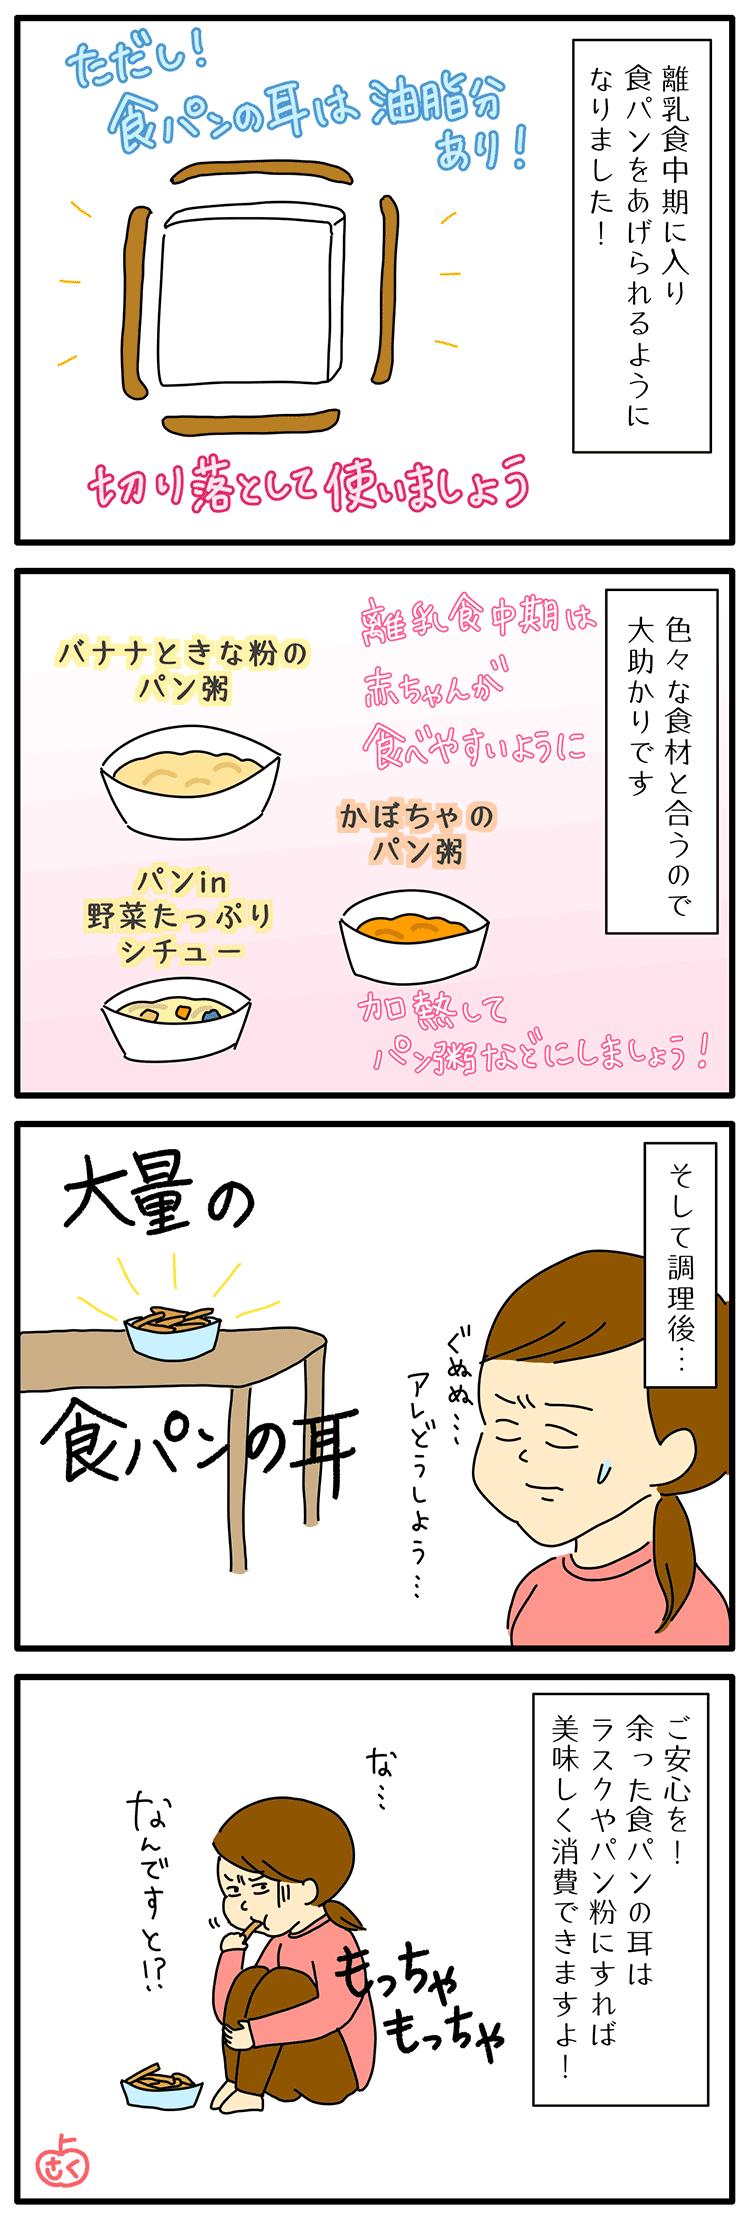 @@画像 1.png,2.png,3.png,4.png alt 離乳食の食パンについての永岡さくら(saku)さんの子育て4コマ漫画@@